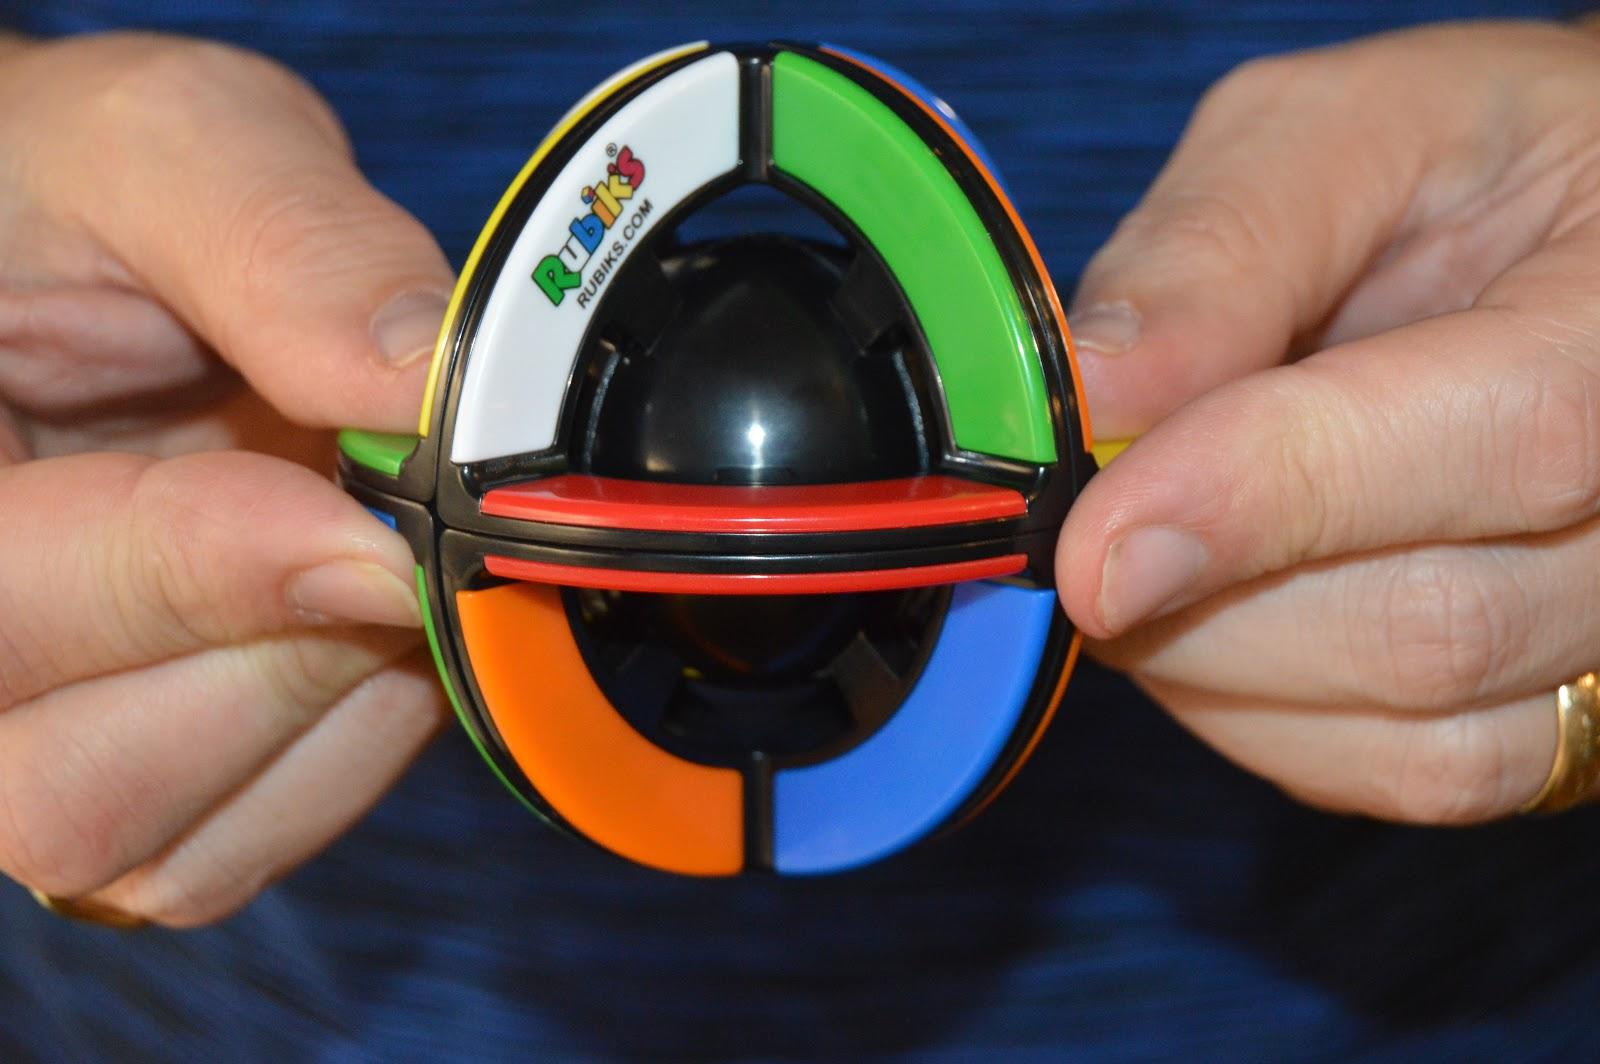 Rubiks orbit